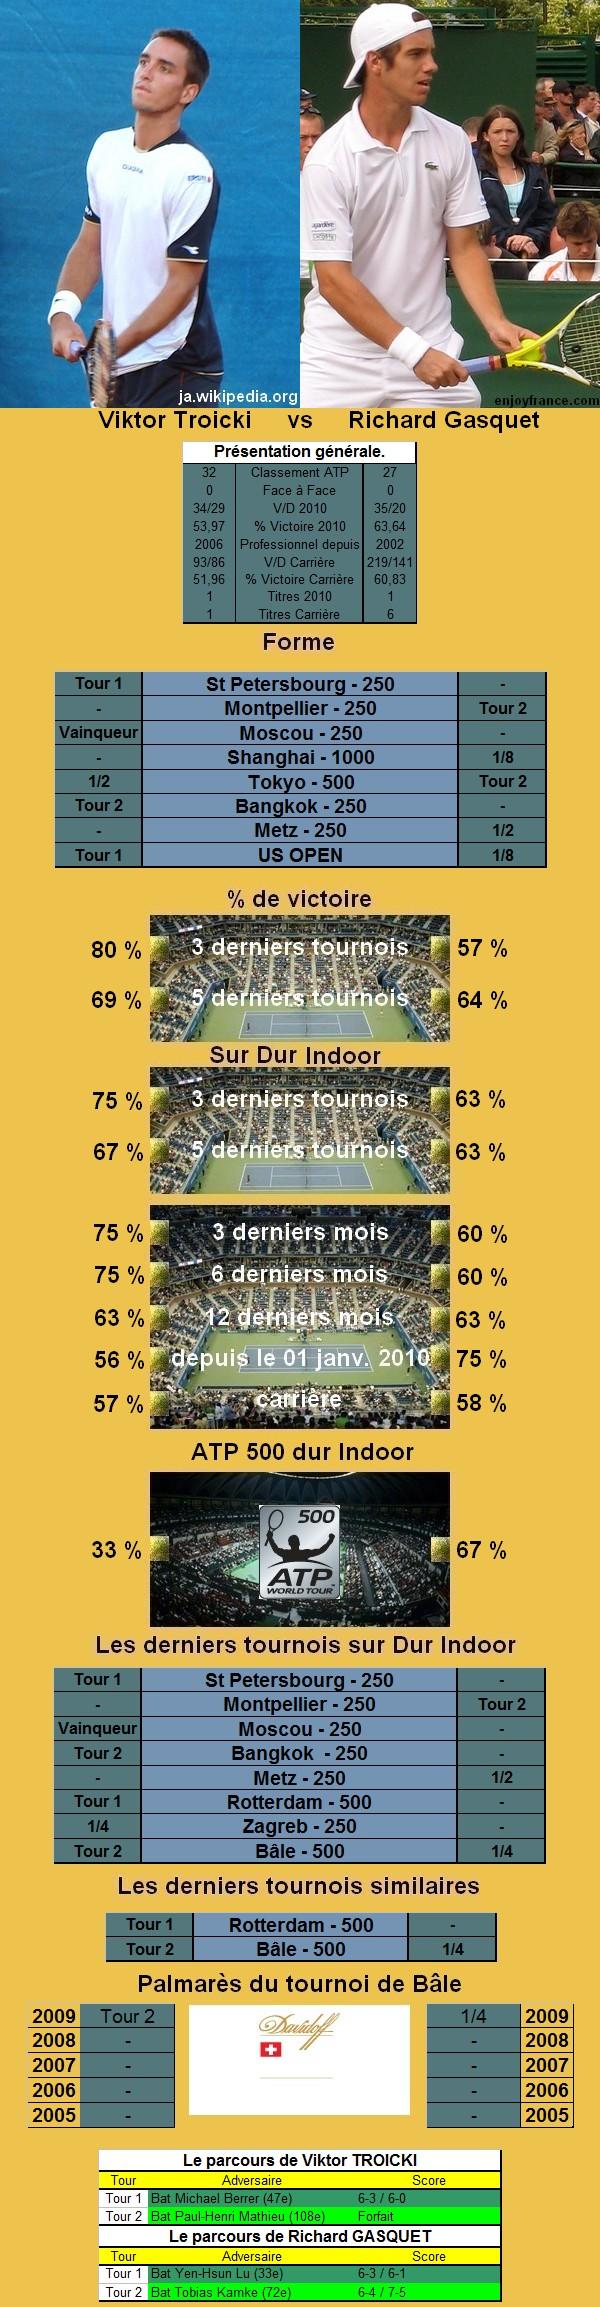 Les statistiques tennis de Viktor Troicki et de Richard Gasquet avant leur confrontation en quart de finale du tournoi de tennis de Bale.